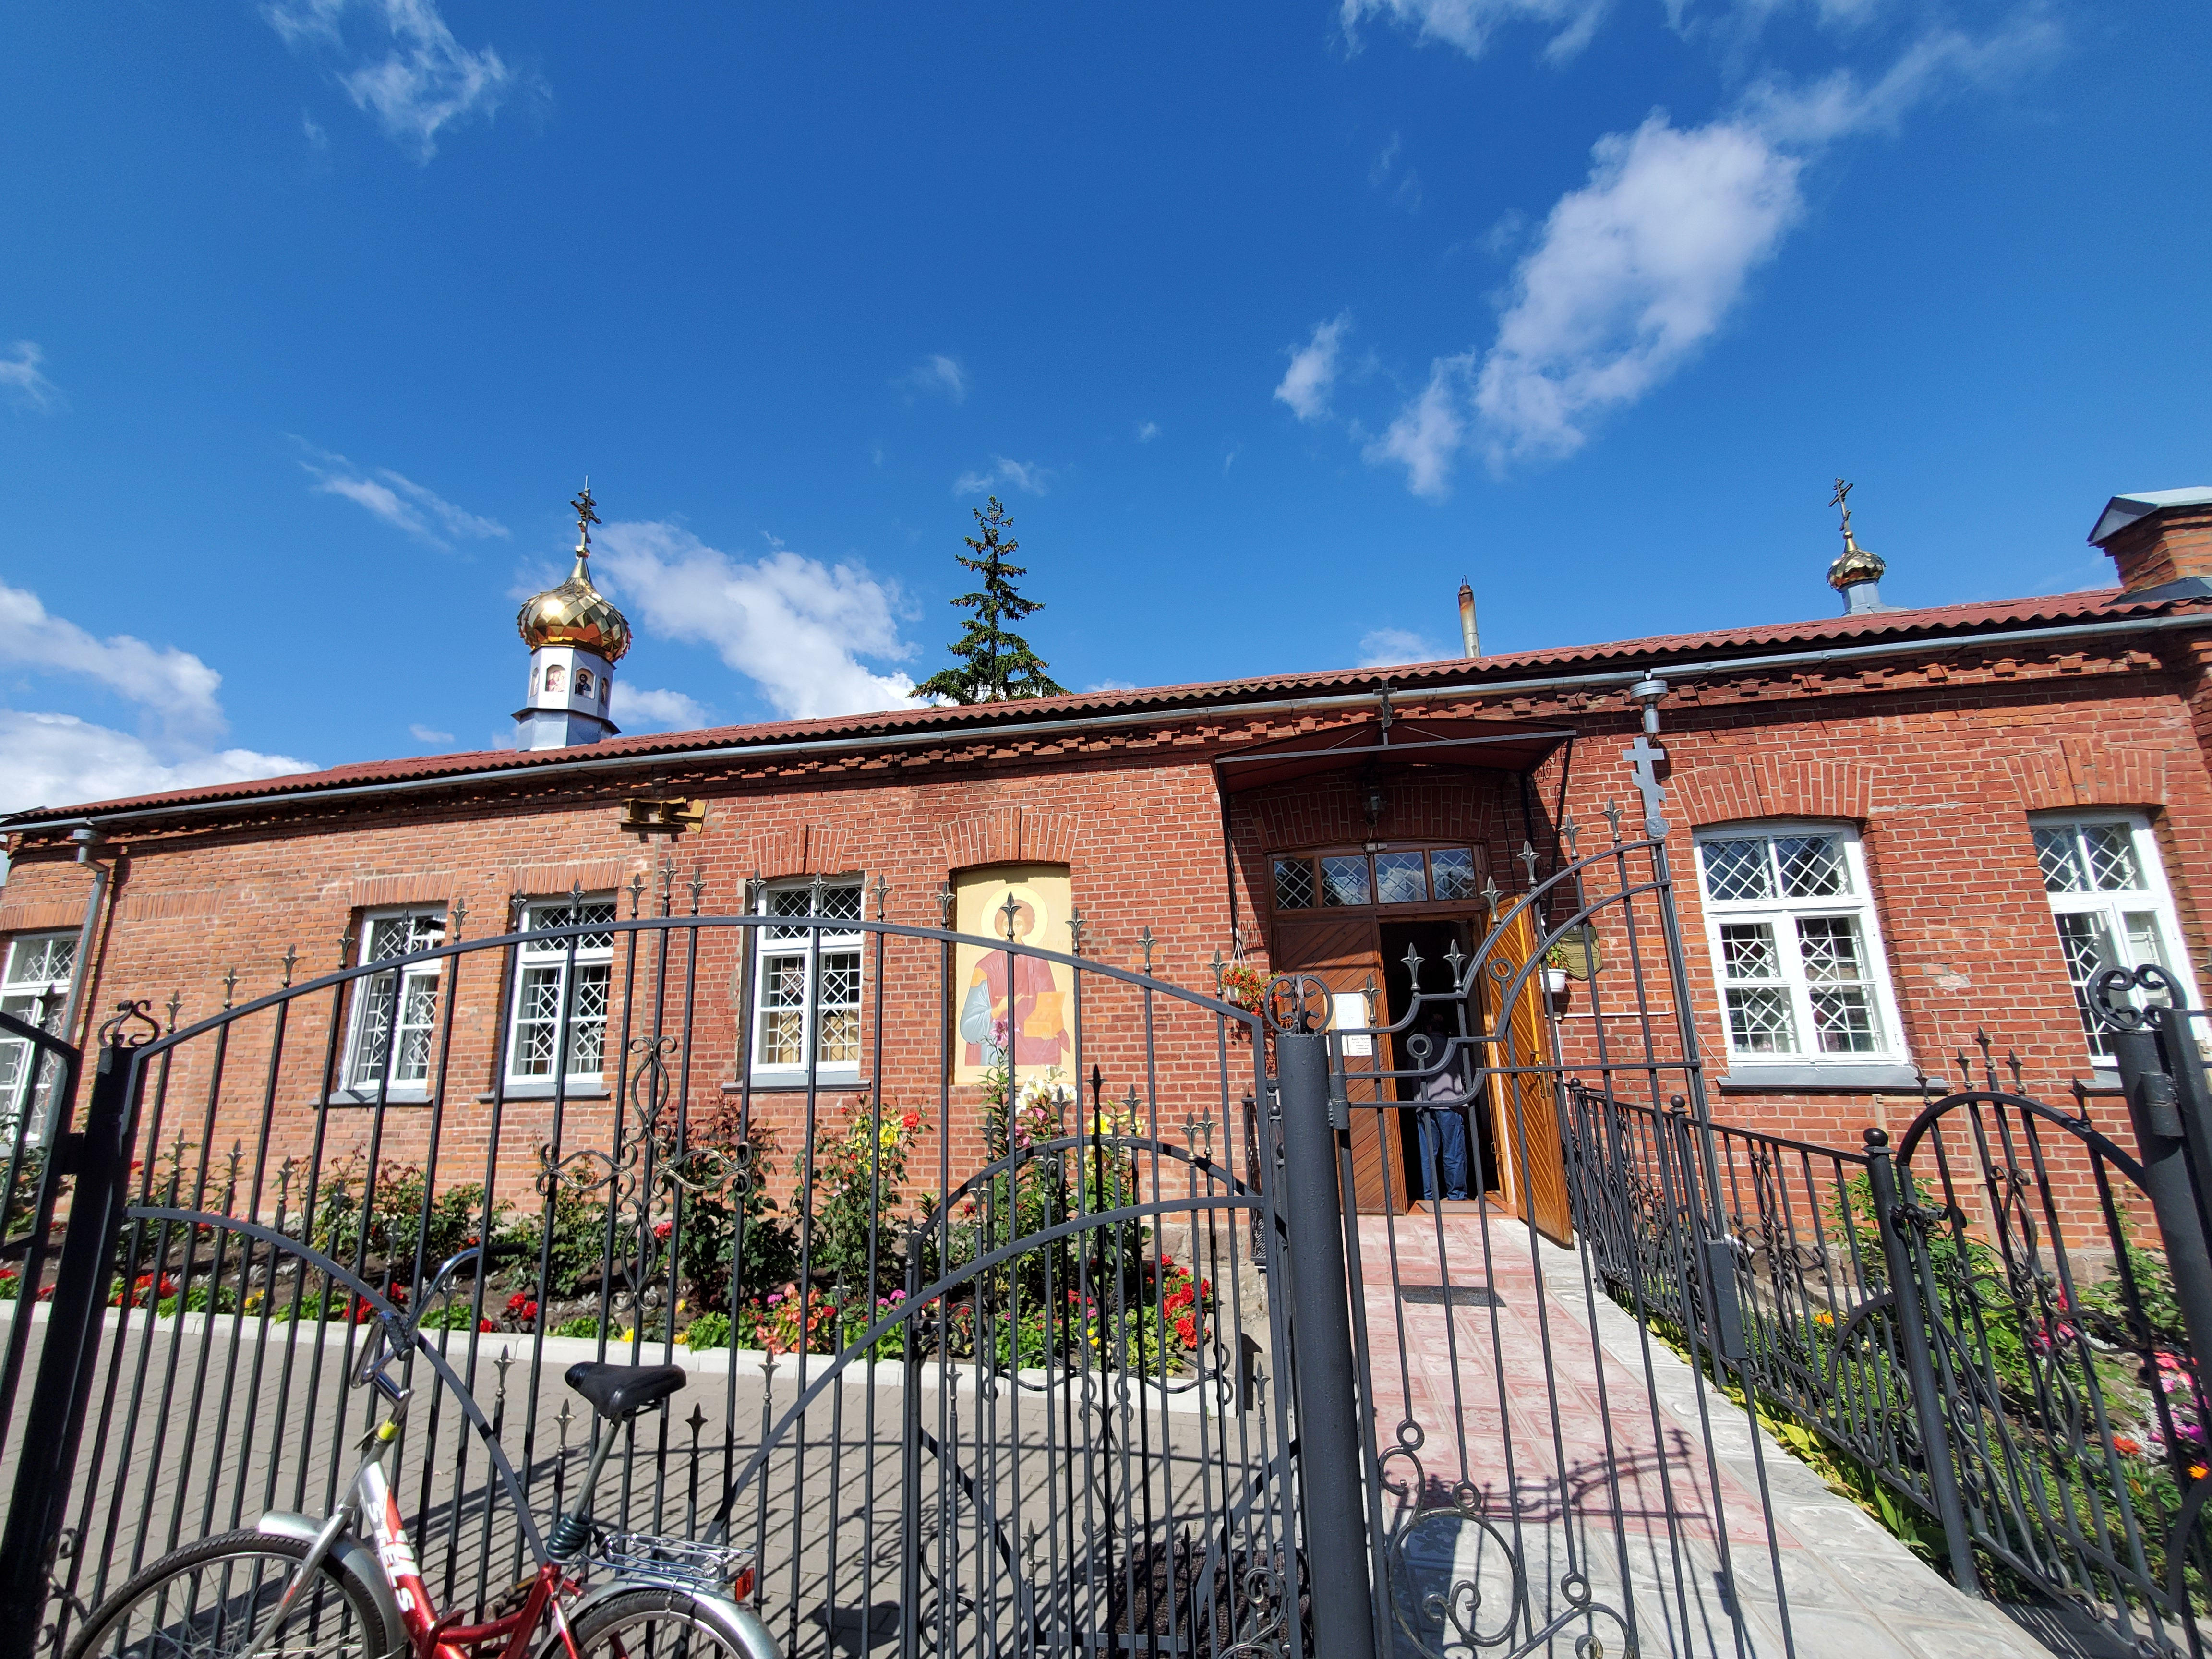 20200801 113528 - Свято-Пантелеимоновский женский монастырь в Браславе